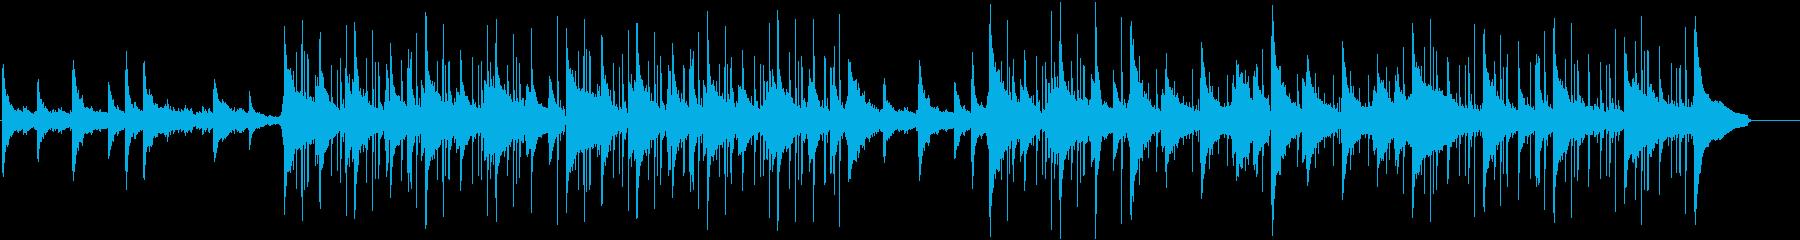 アコースティック楽器とエレクトリッ...の再生済みの波形